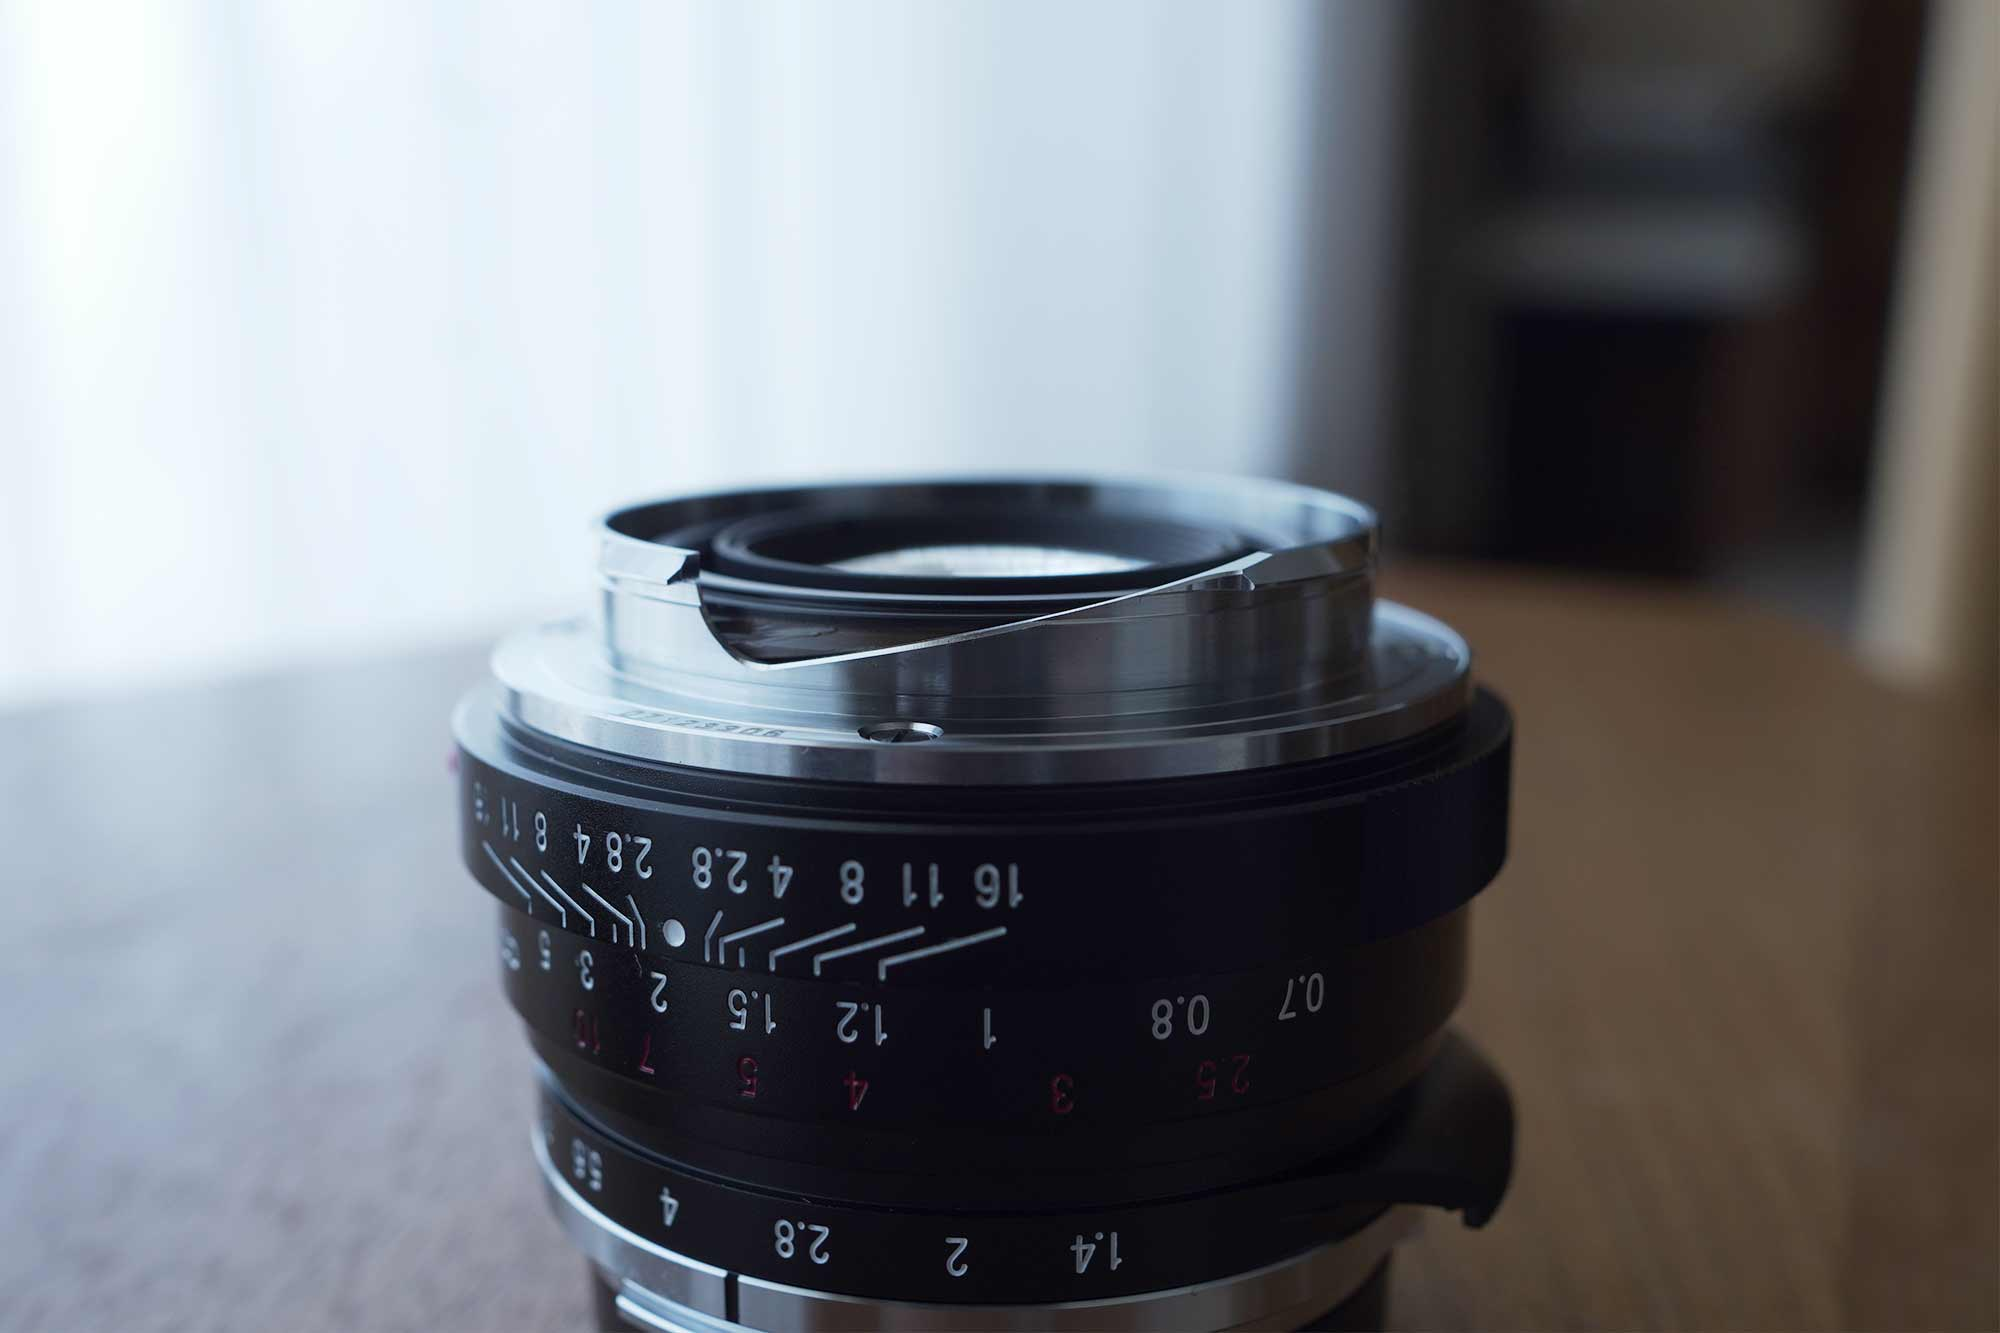 フォクトレンダー,カメラ,レンズ,クラシック,オールドレンズ,40mm,f1.4,vmマウント